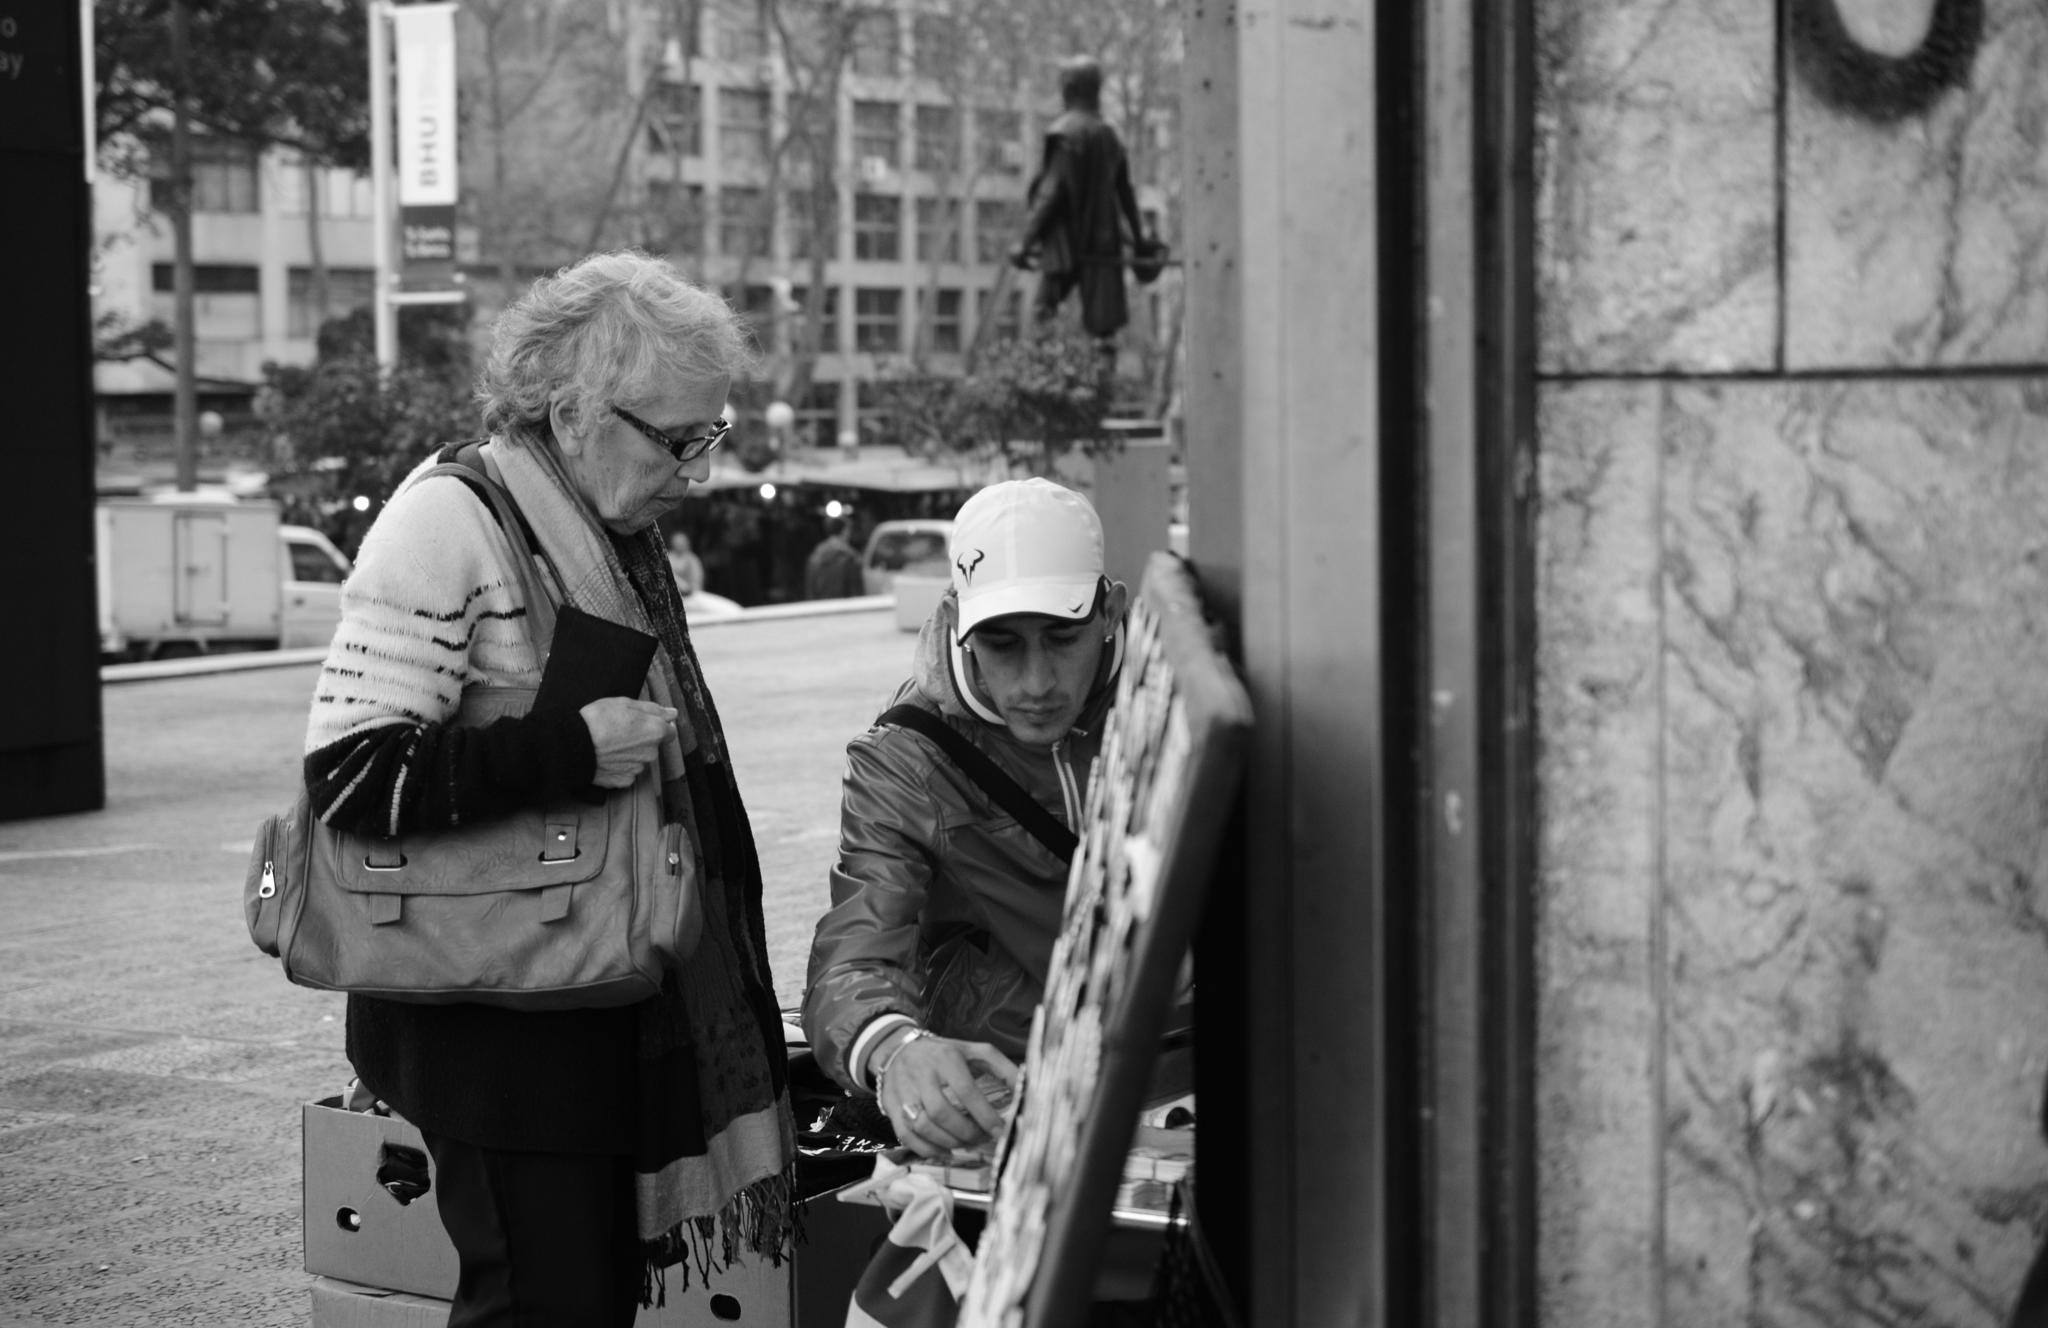 Jubilada en el barrio cordón by Daniel Guillermo